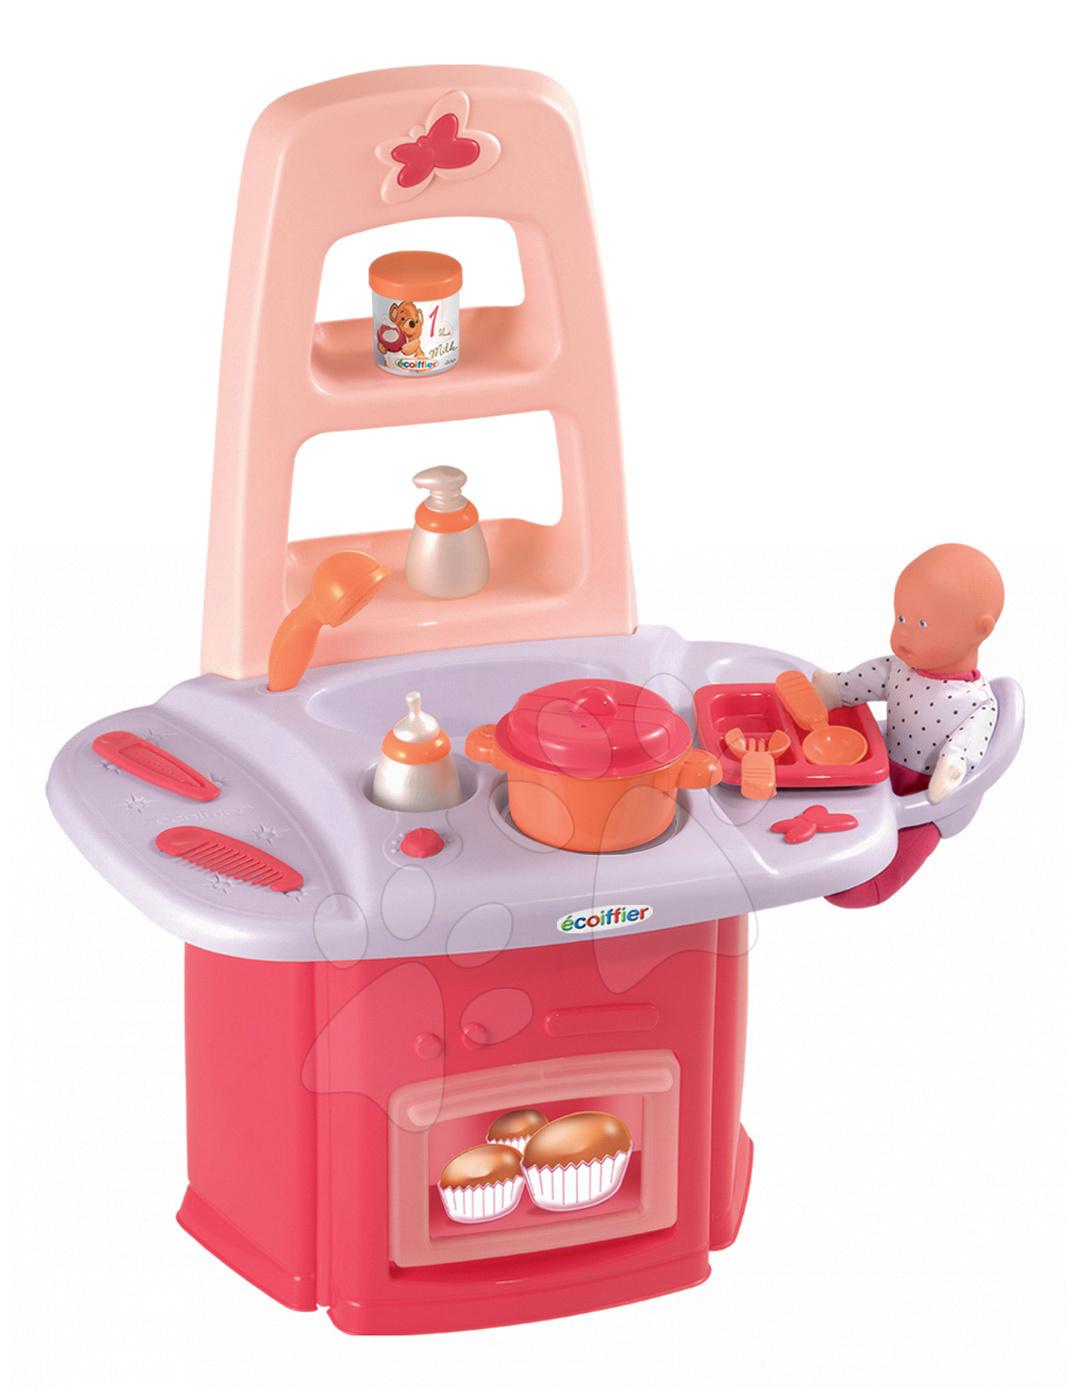 Domečky pro panenky - Přebalovací stolek Nursery Écoiffier pro panenku s kuchyňkou se 14 doplňky od 18 měsíců